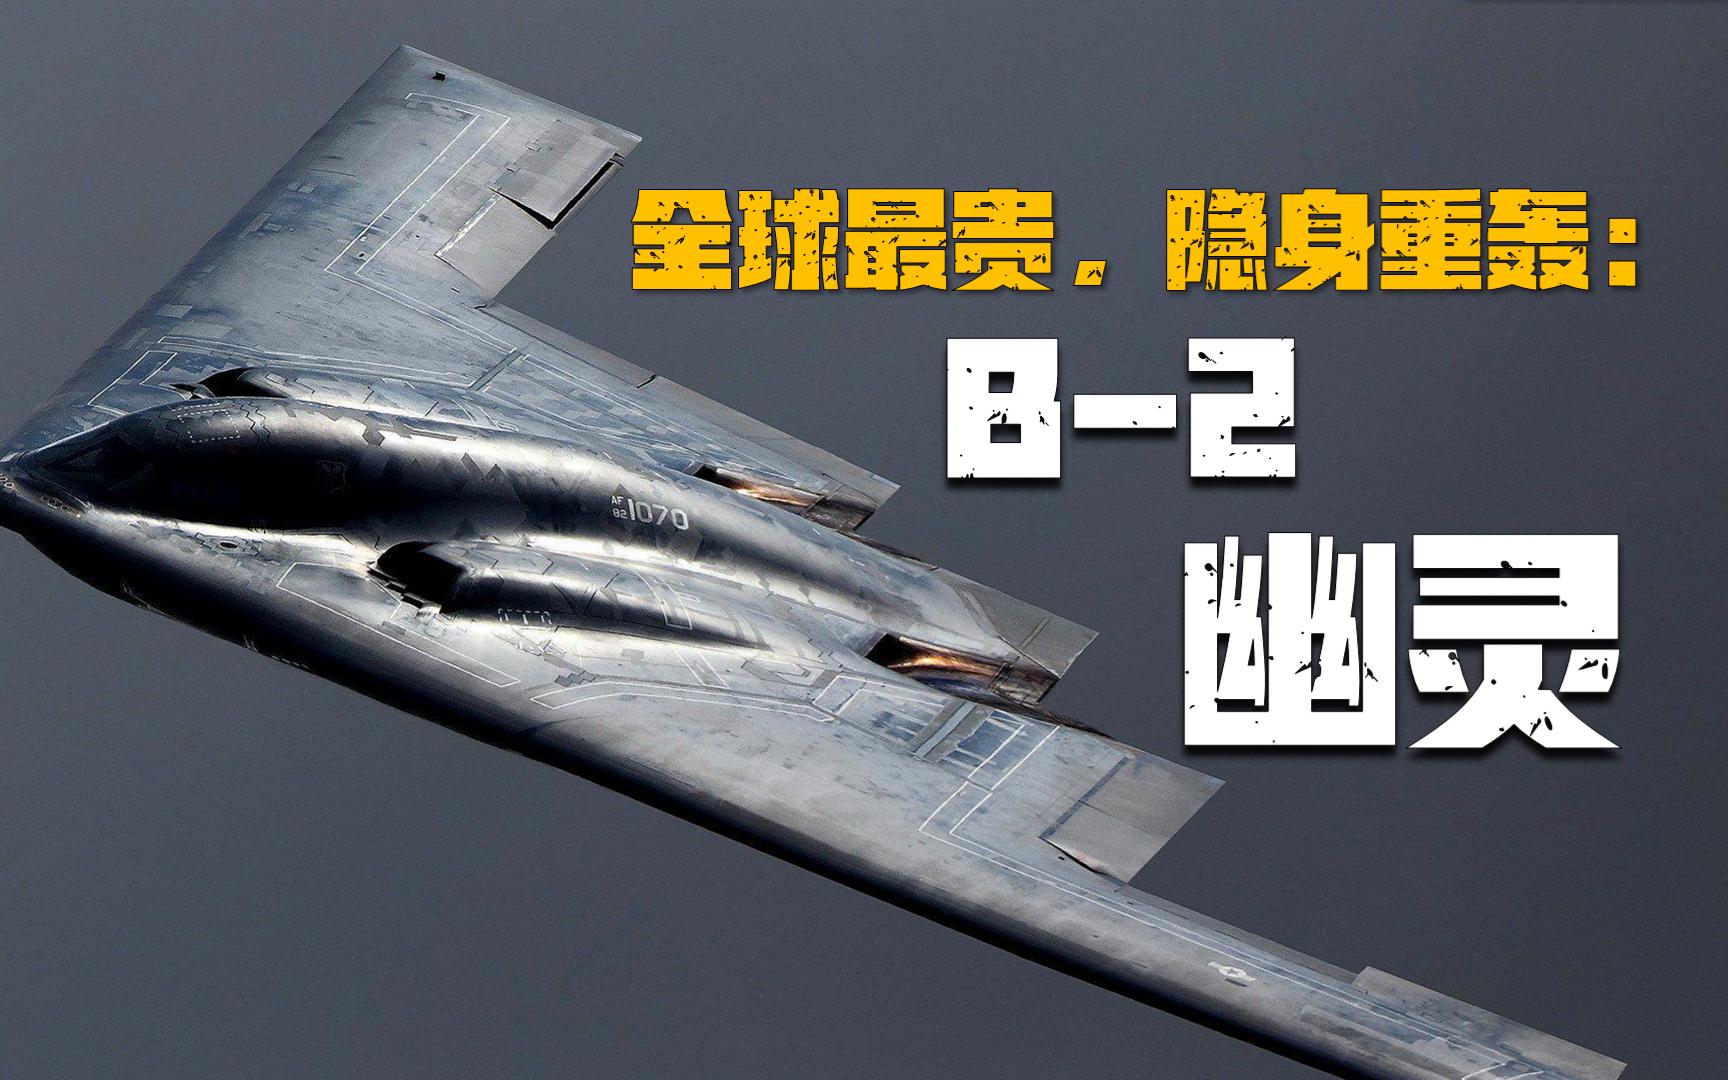 全球最贵,隐身重轰:B-2幽灵战略轰炸机